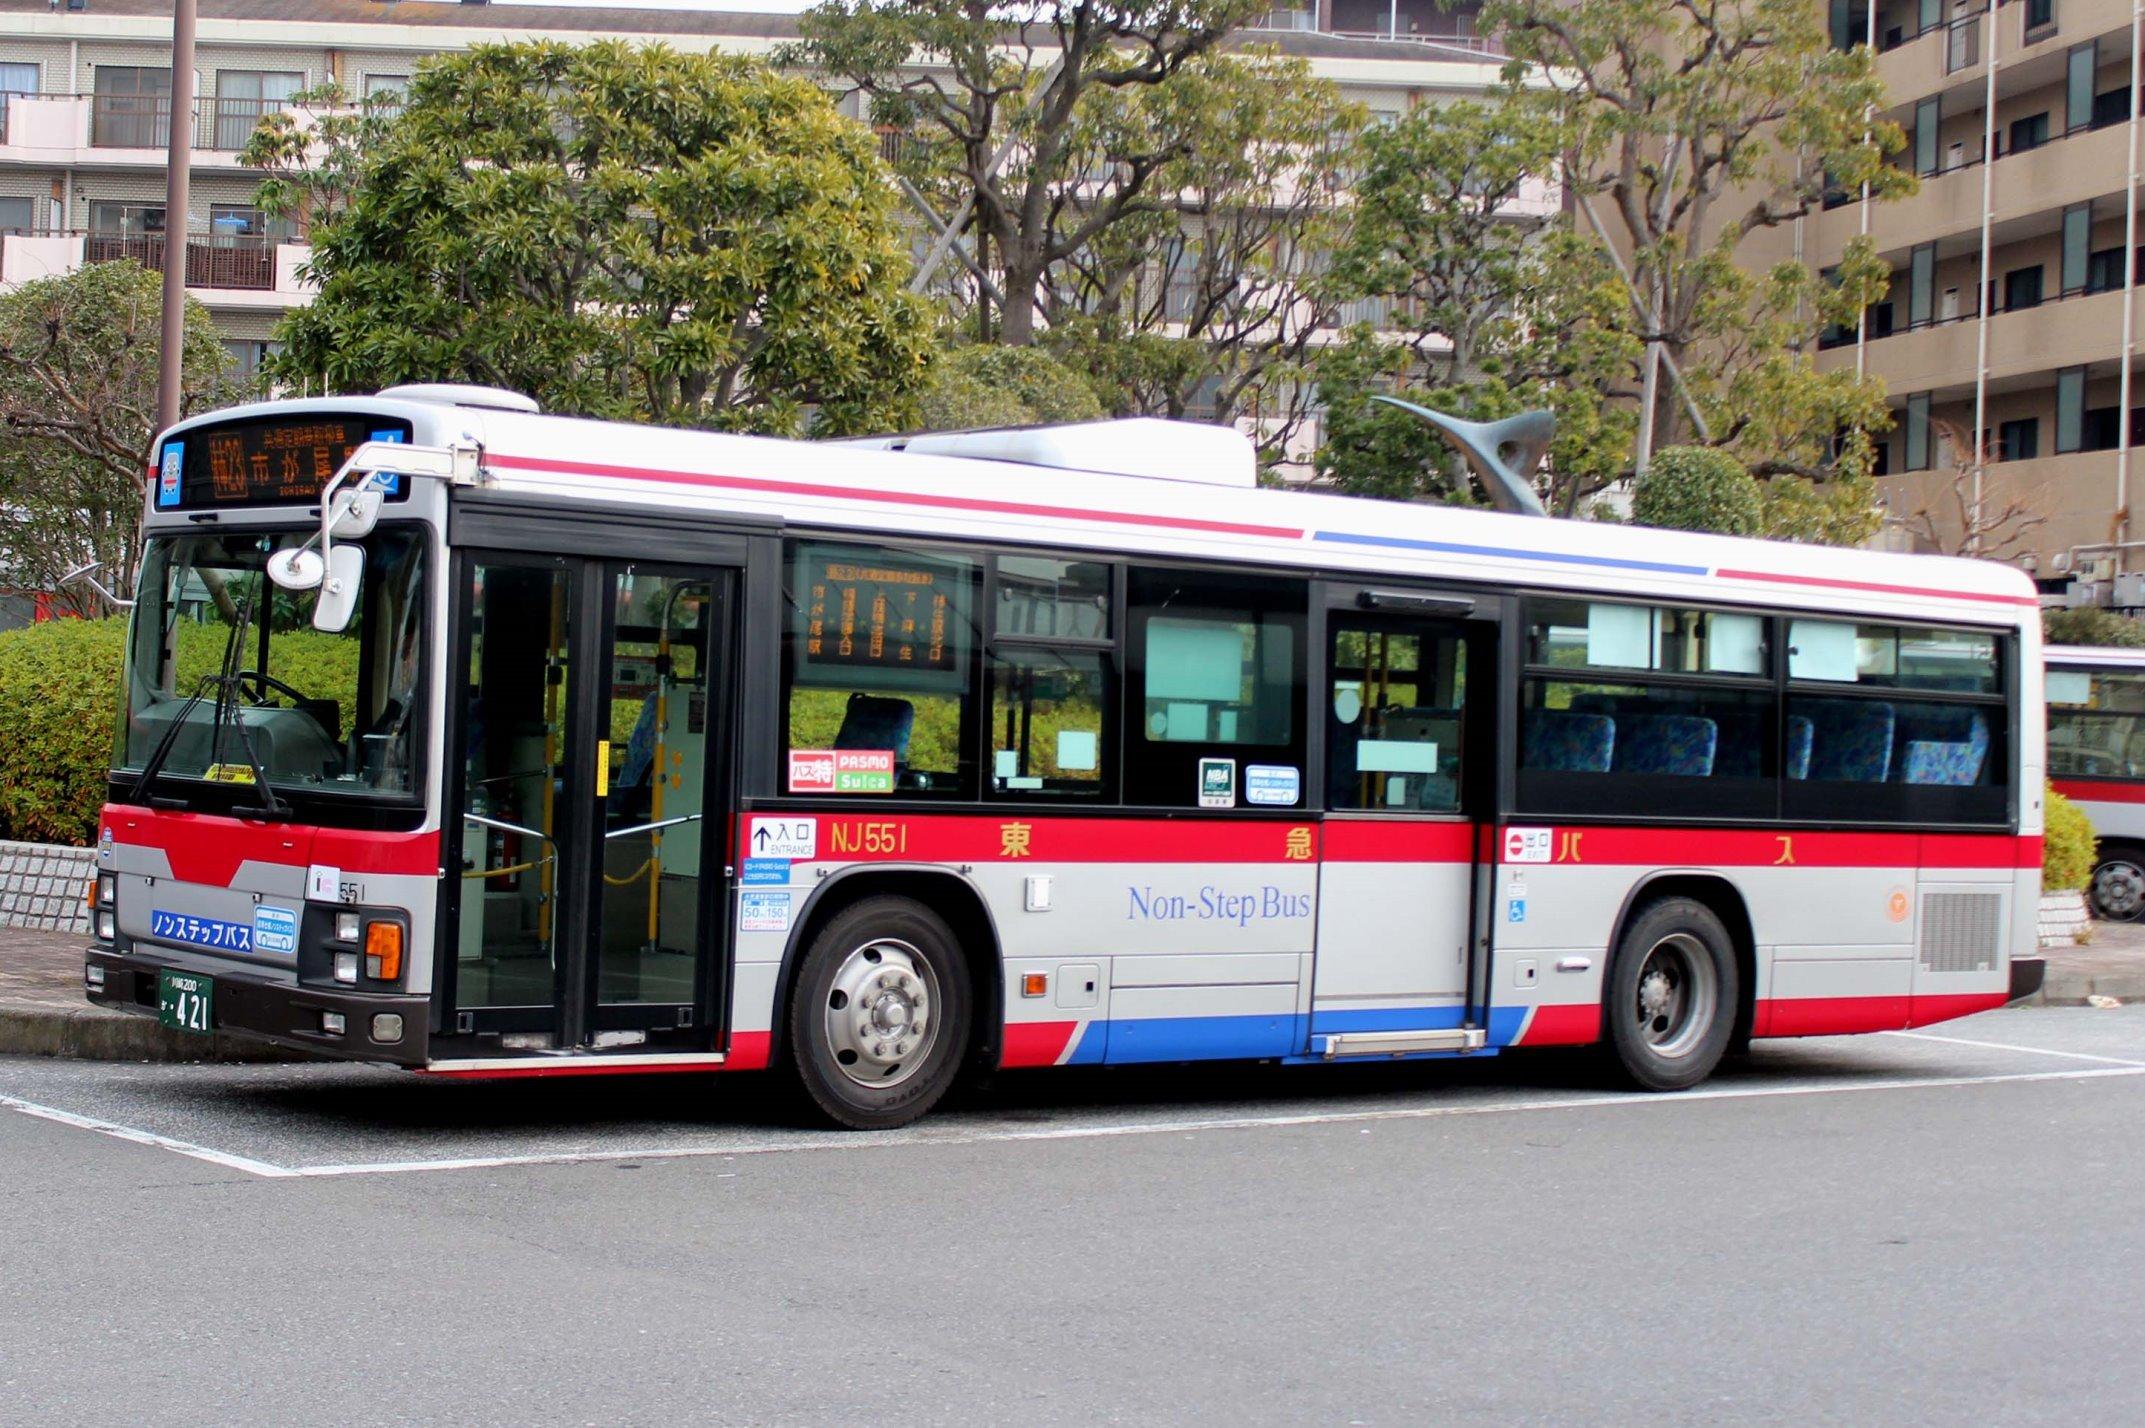 東急バス NJ551